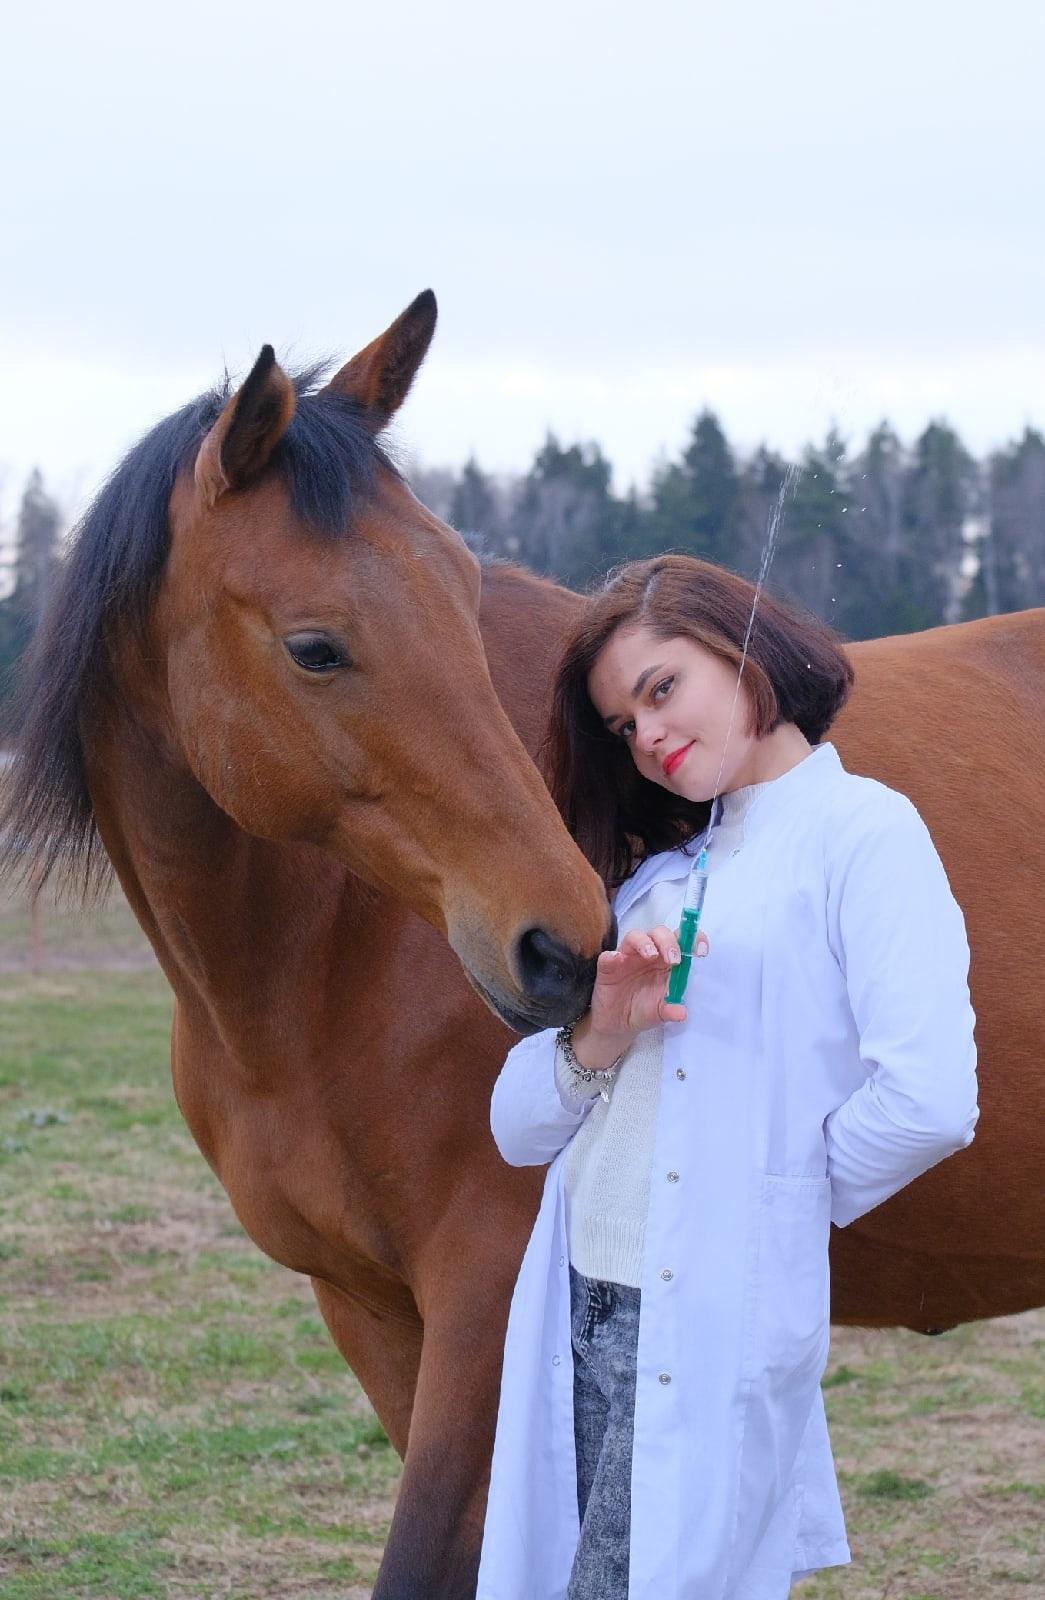 Анастасия Филатова, ветеринарный врач ГБУВ МО «Терветуправление № 3» Щелковская ветеринарная станция